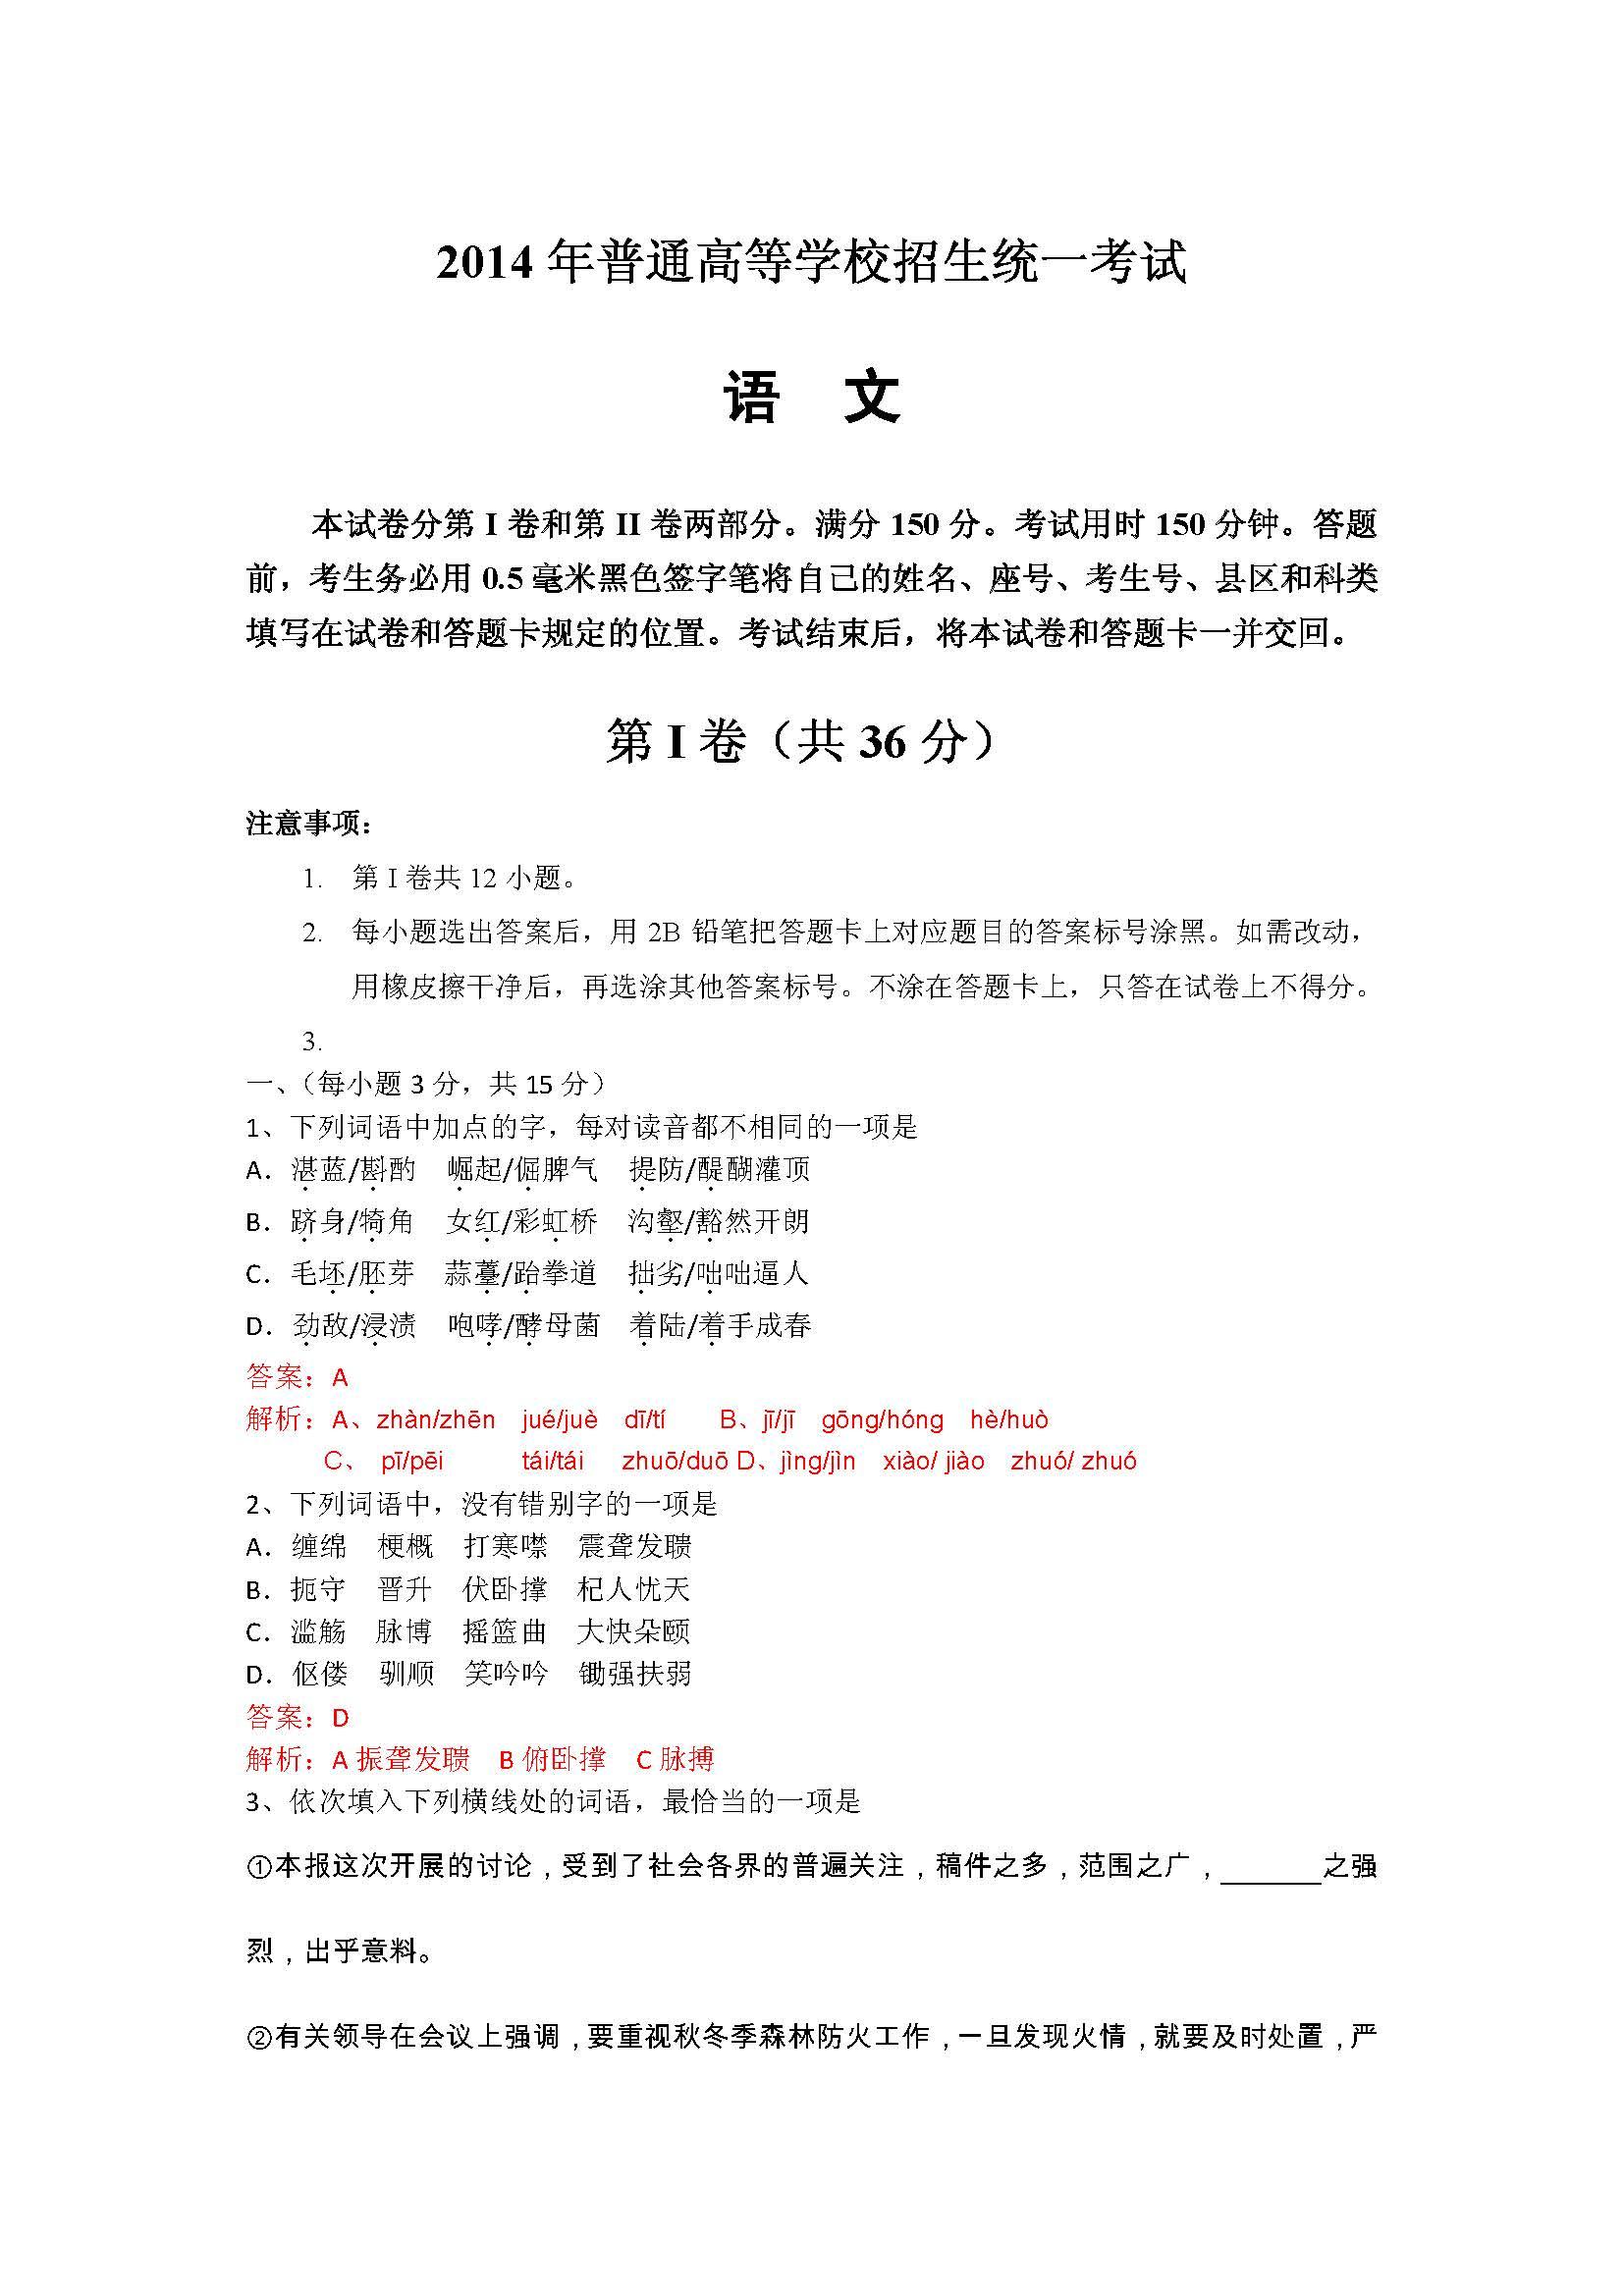 2014山东高考语文试题及答案(新东方版)